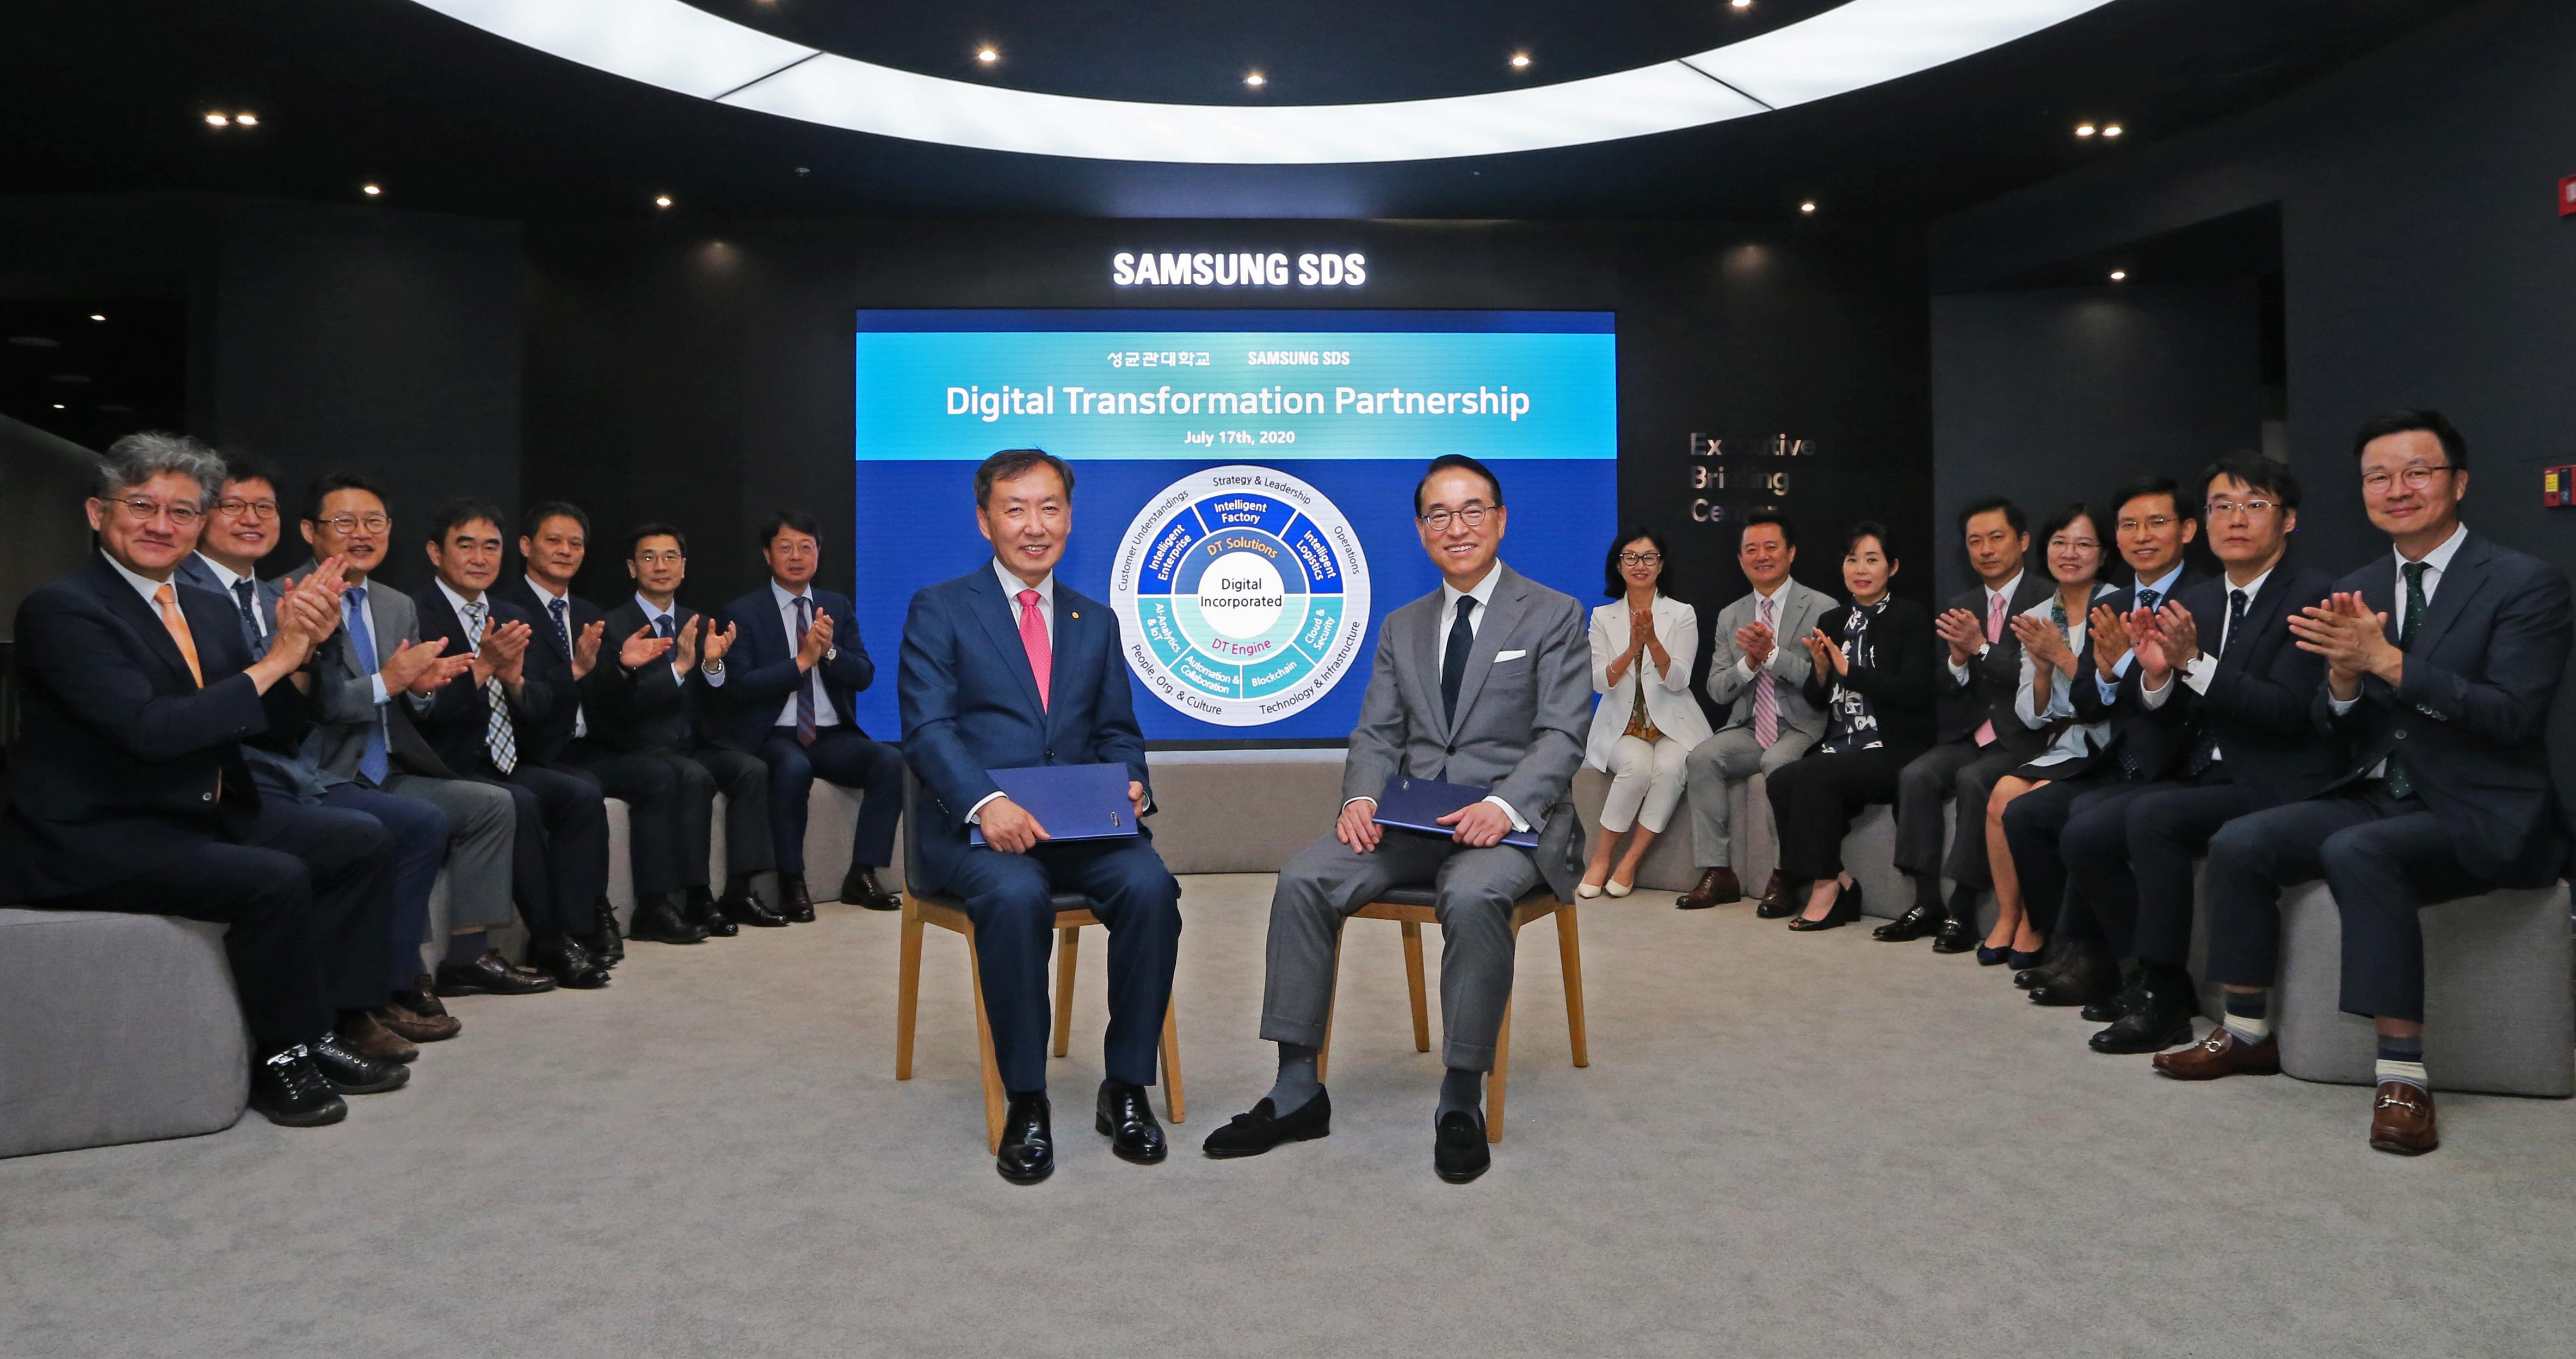 삼성SDS 홍원표 대표(우측)와 성균관대학교 신동렬 총장이 삼성SDS 잠실캠퍼스에서 디지털트랜스포메이션 추진을 위한 산학협약을 체결했다.